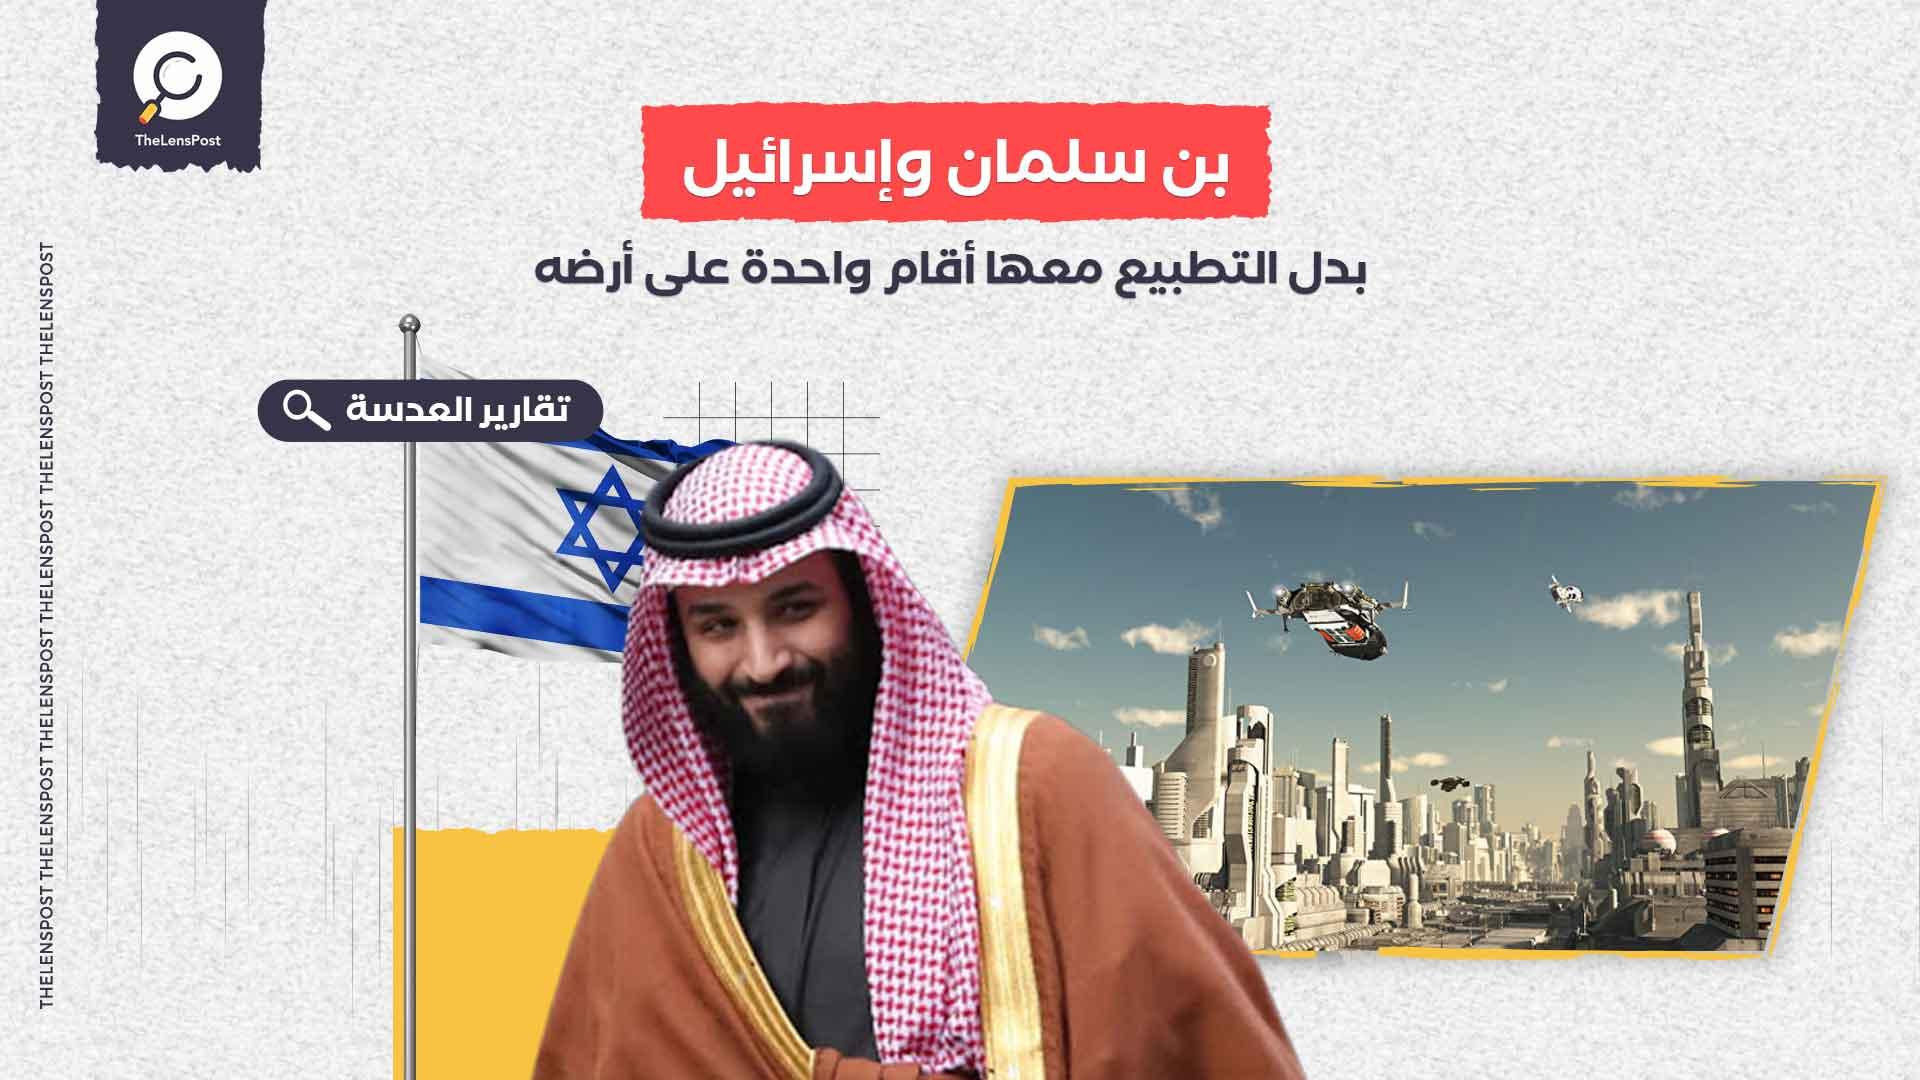 """بن سلمان وإسرائيل.. بدل التطبيع معها أقام لها """"إمارة"""" على أرضه!"""